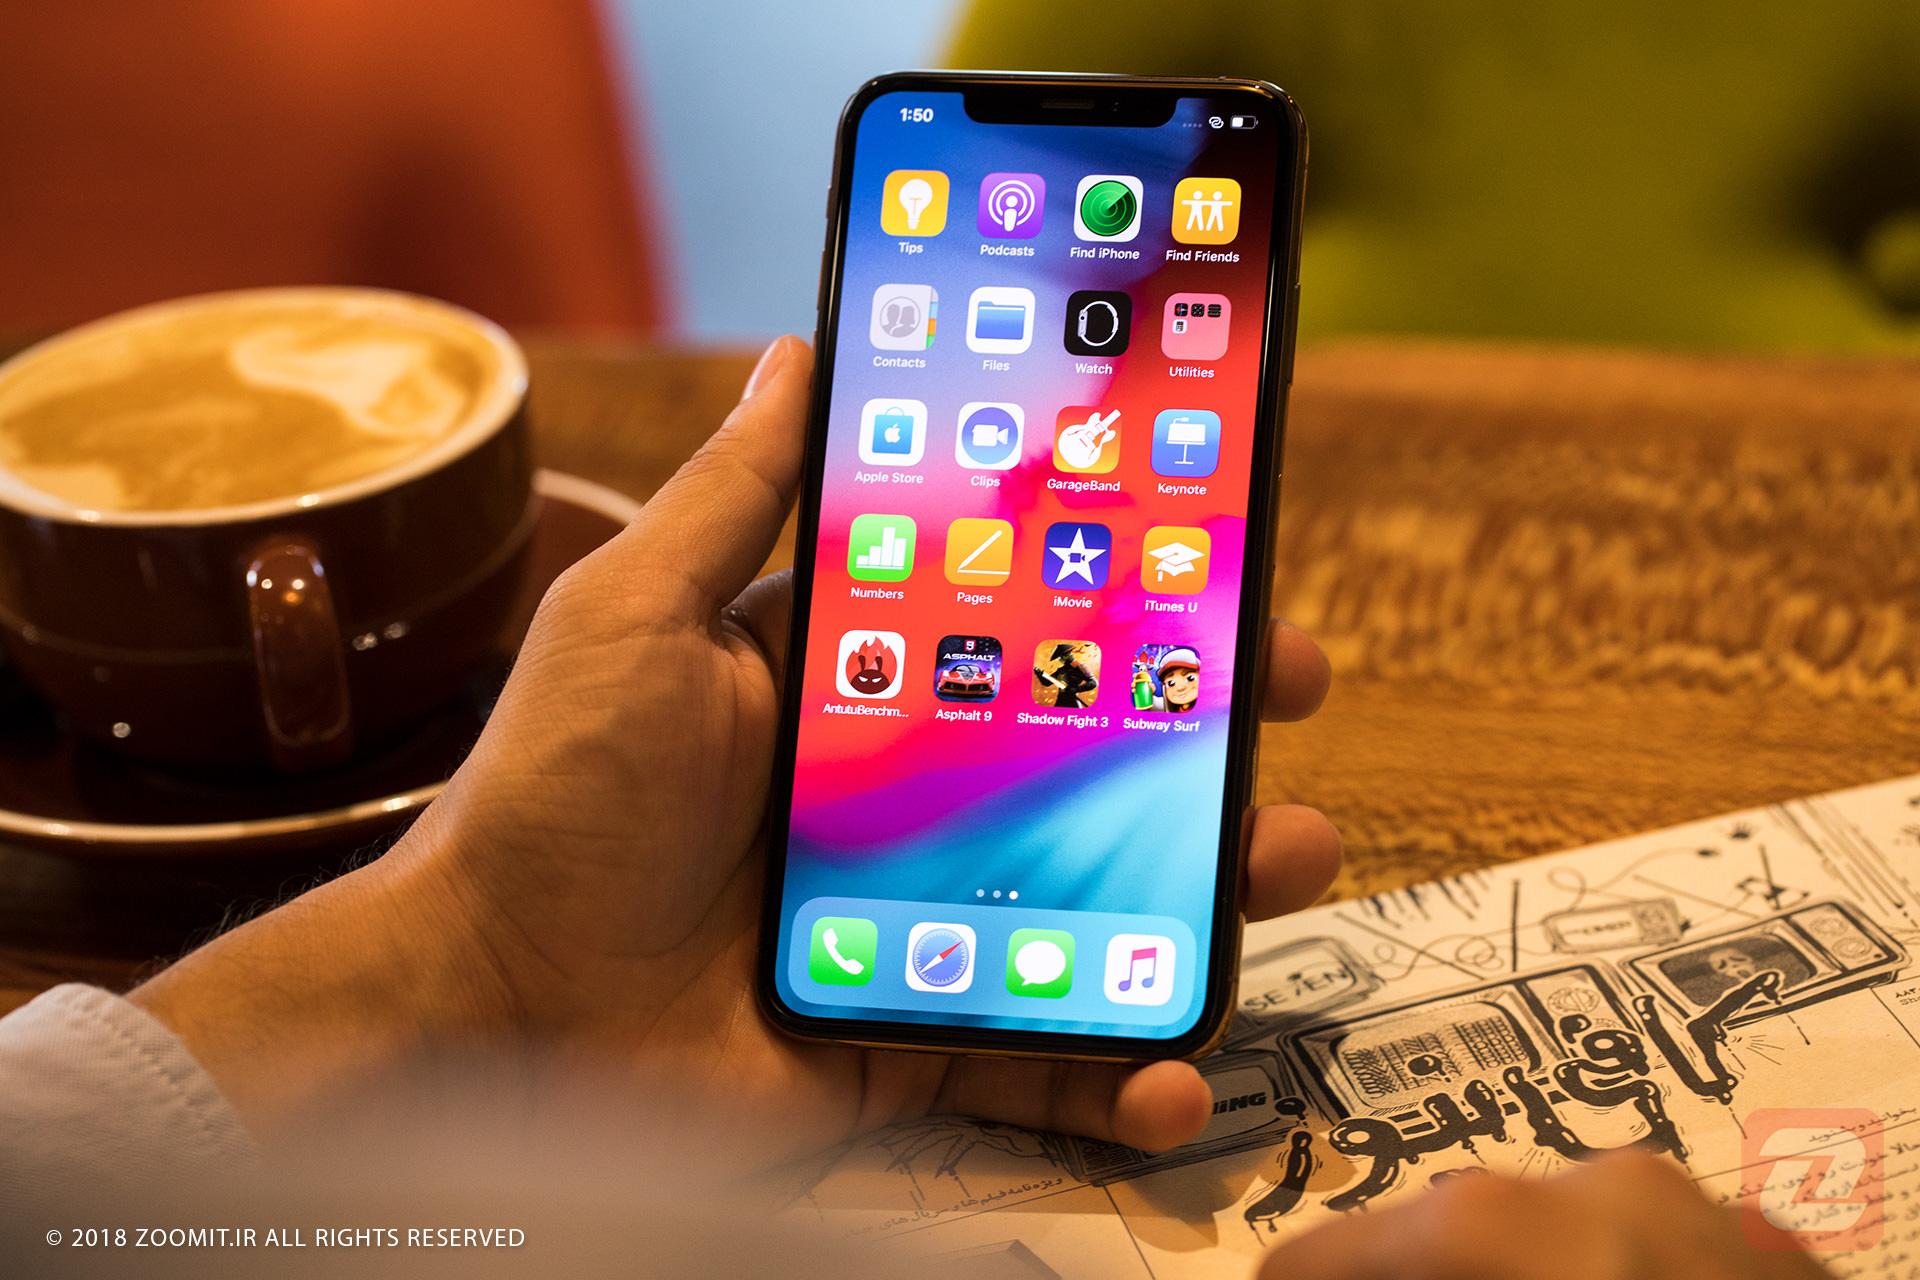 مینگ چی کو قابلیت شارژ بیسیم دوطرفه و باتری بزرگتر در آیفونهای 2019 را تأیید کرد